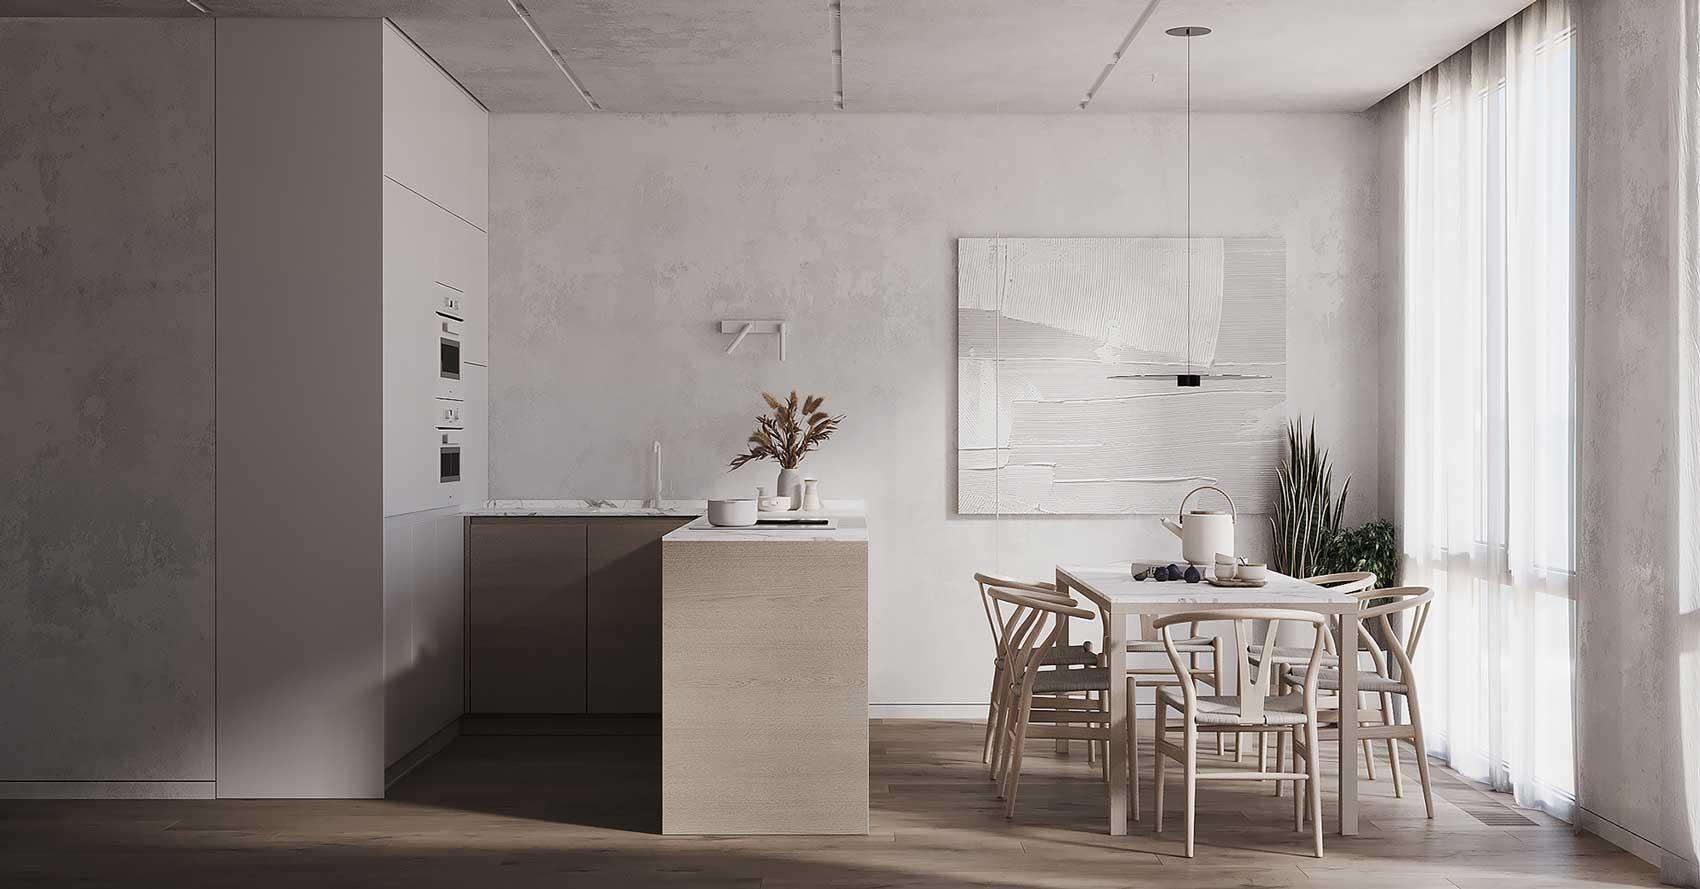 Un intérieur minimaliste aux couleurs blanches et bois clair pour un intérieur sobre et épuré